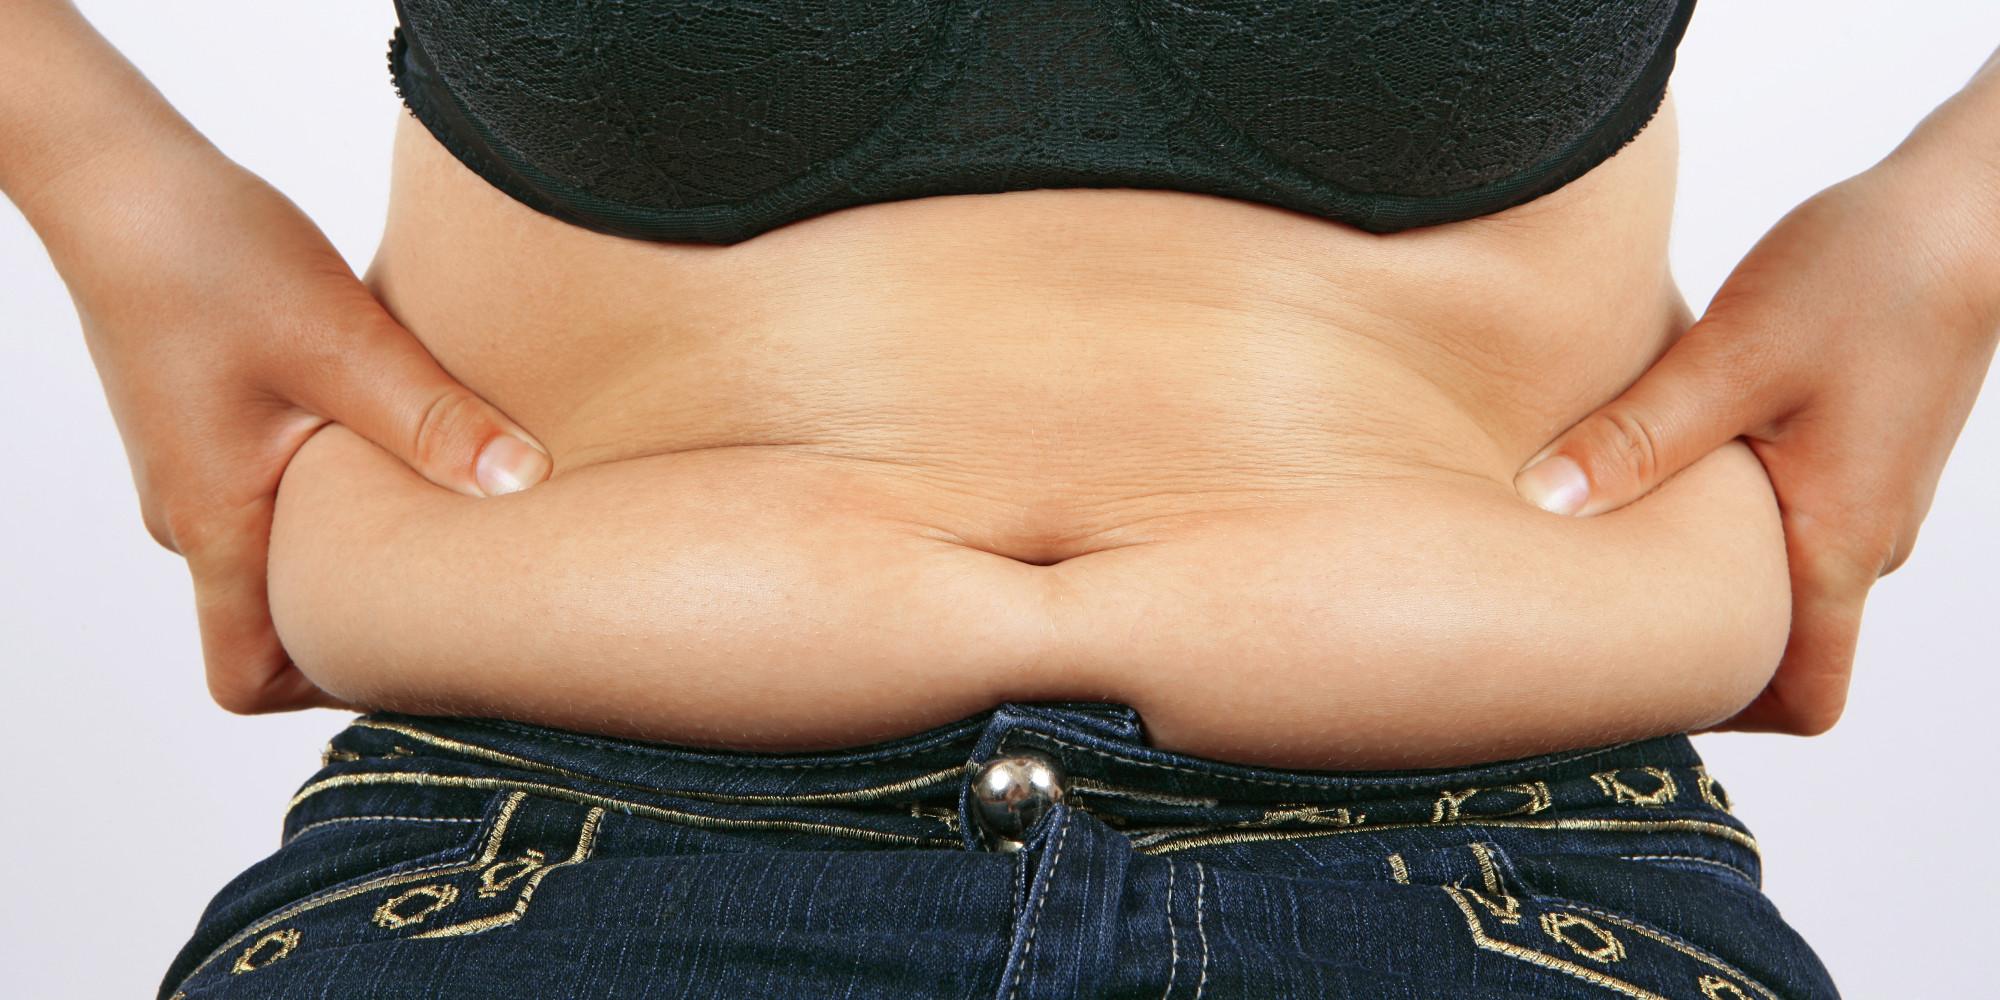 Как избавиться от висцерального жира? Научная стратегия похудения.